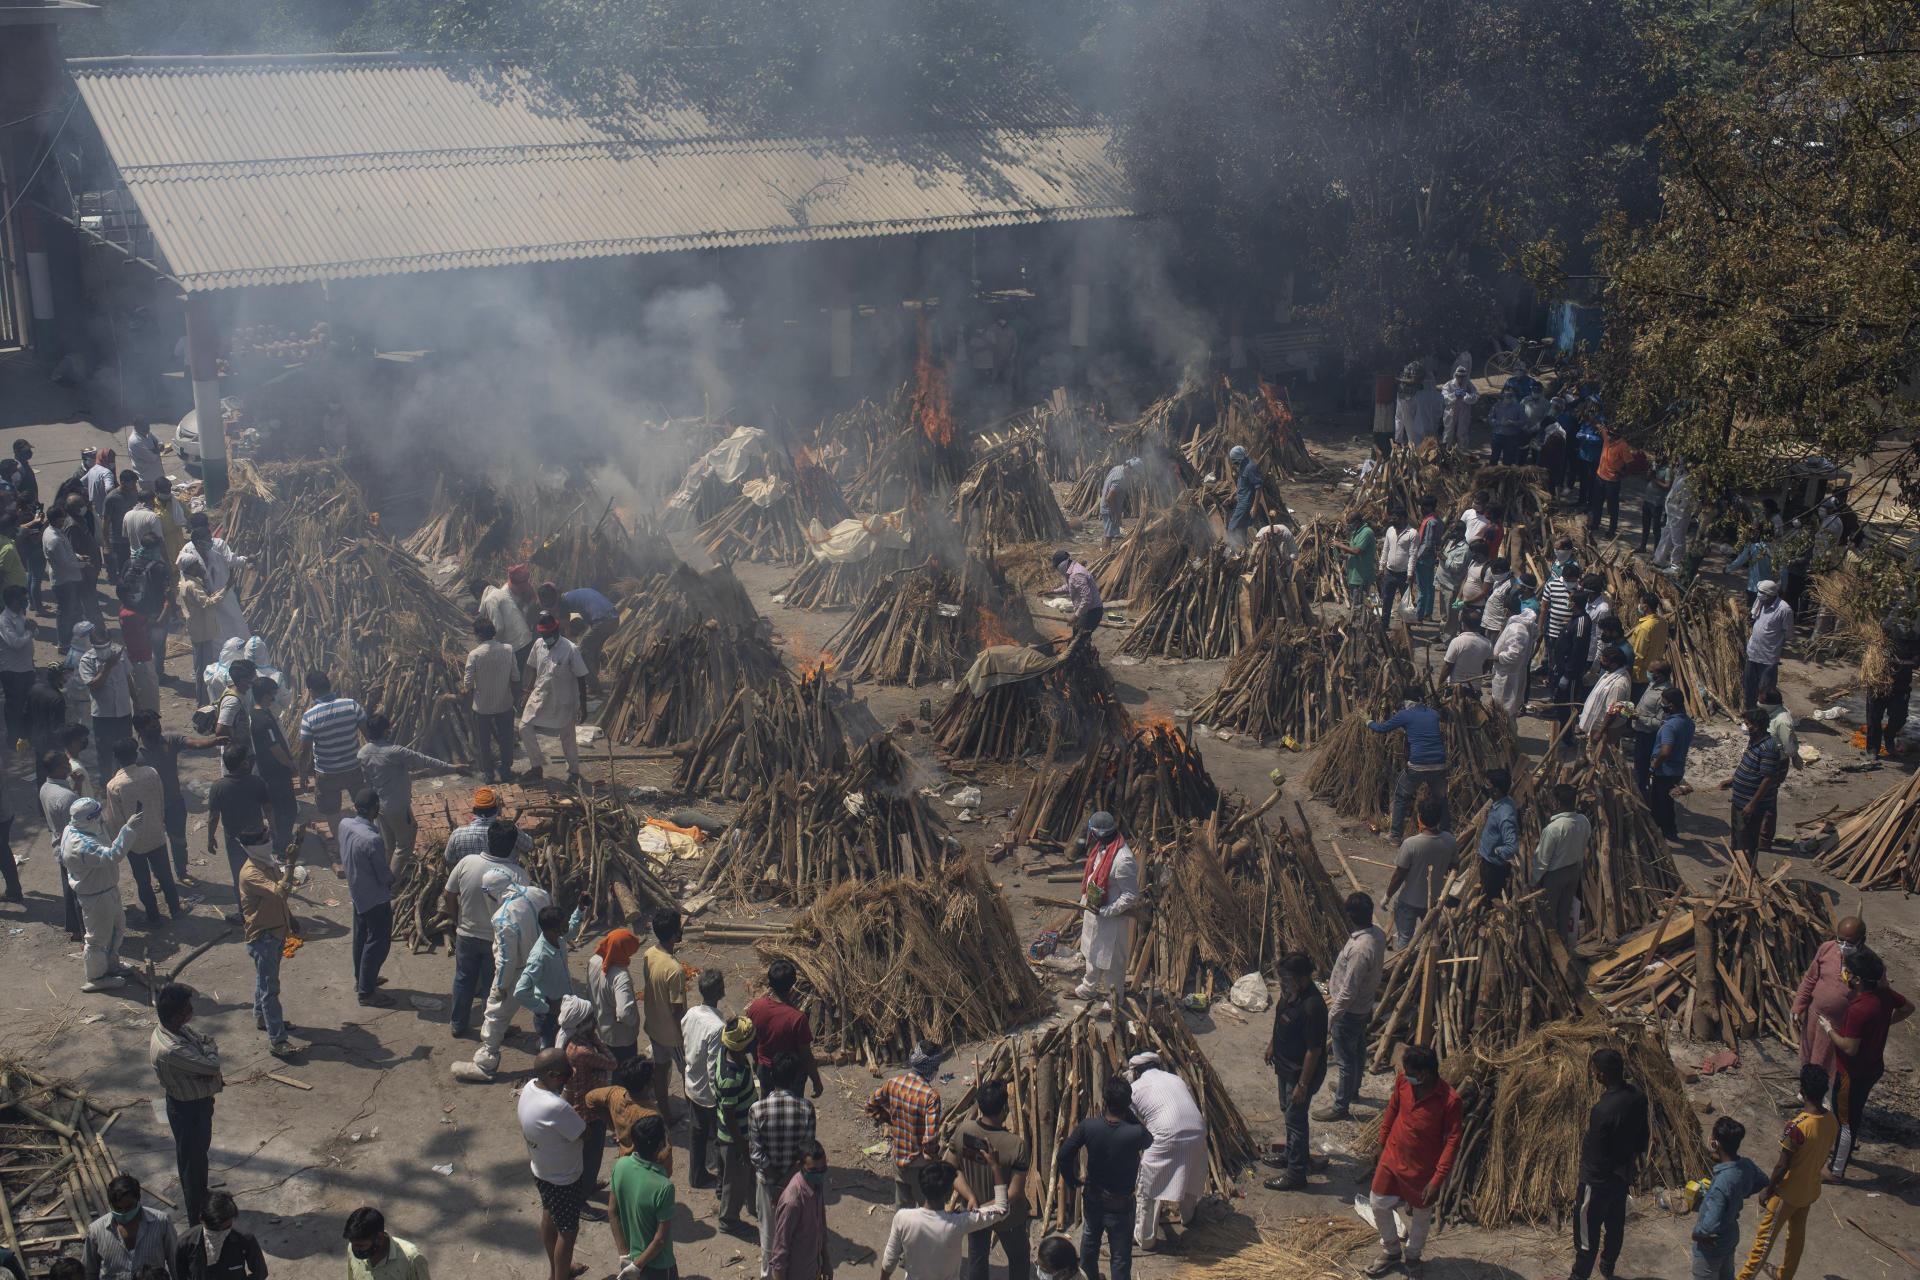 Des bûchers dressés pour incinérer les corps de victimes du Covid-19 sur un terrain converti en crématorium à New Delhi, le 24 avril.